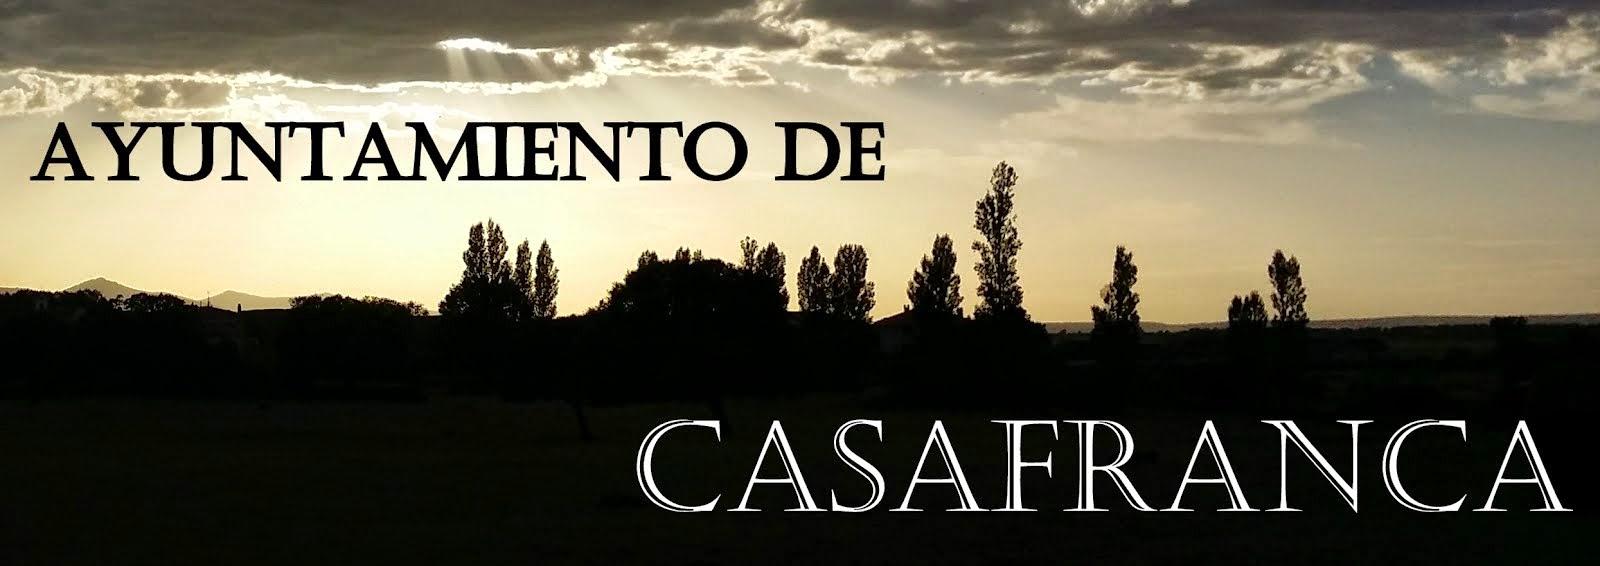 CONOCE CASAFRANCA...